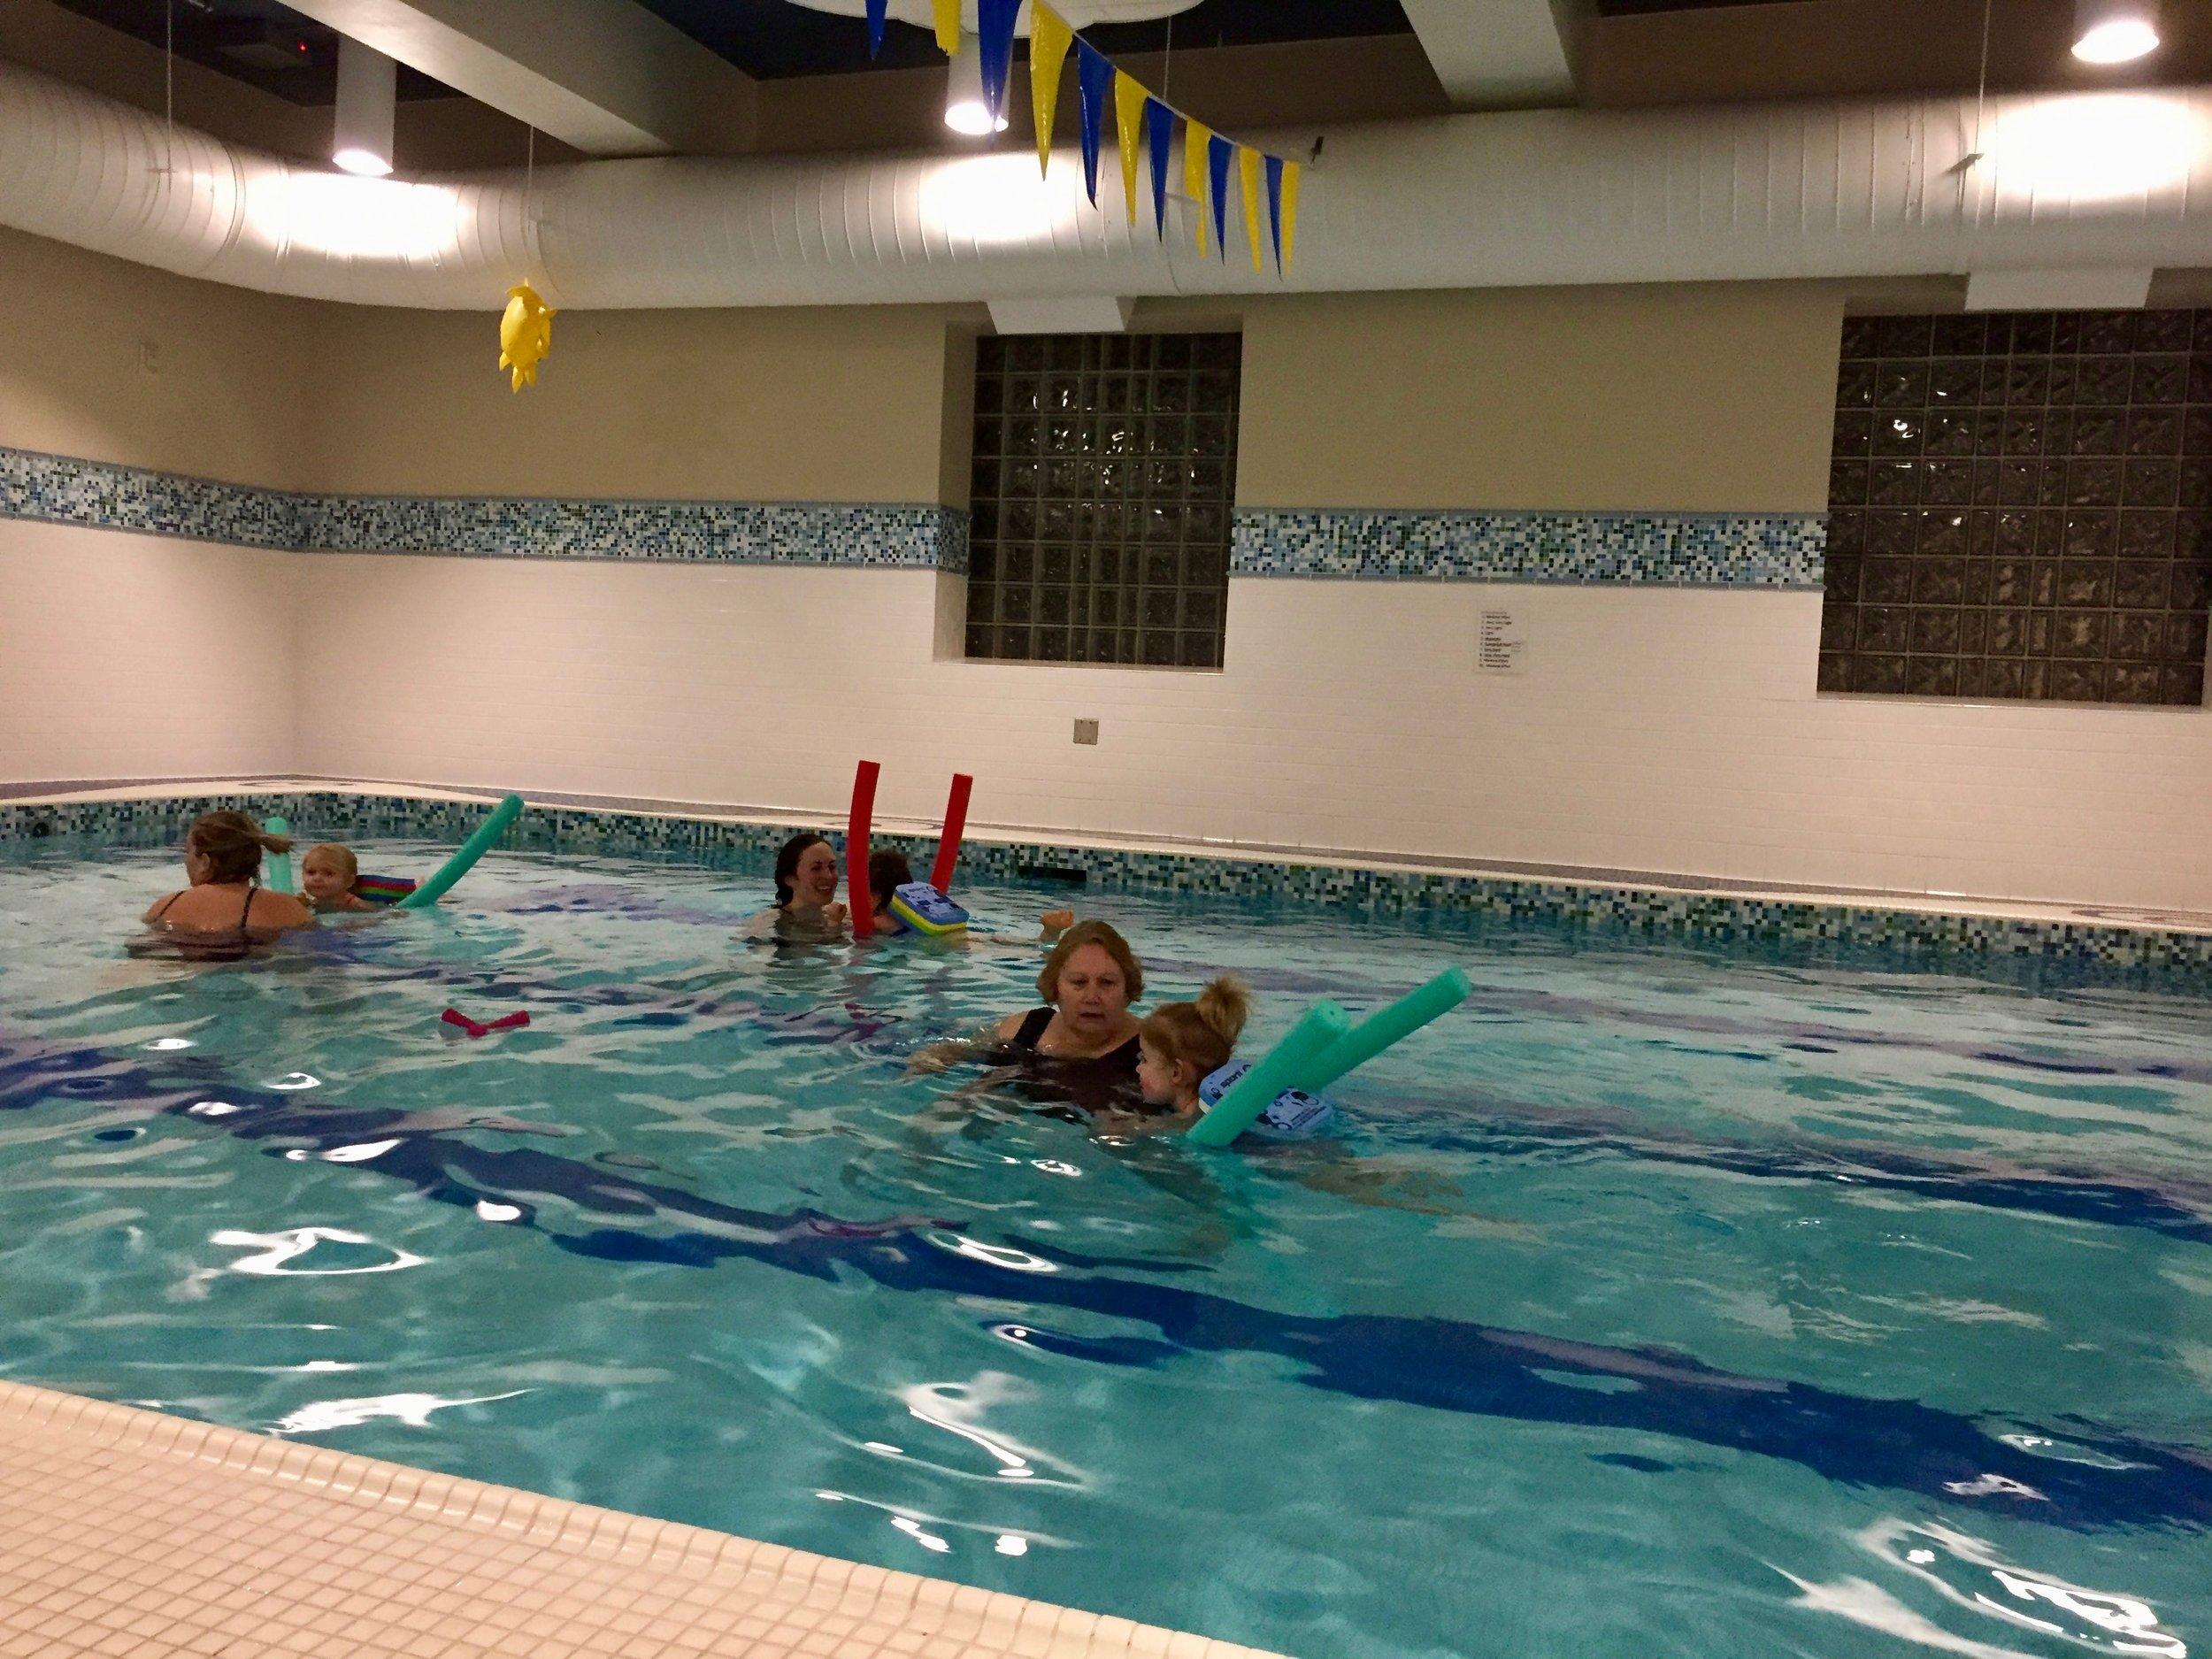 Wealthy Pool East Grand Rapids Swim.jpg